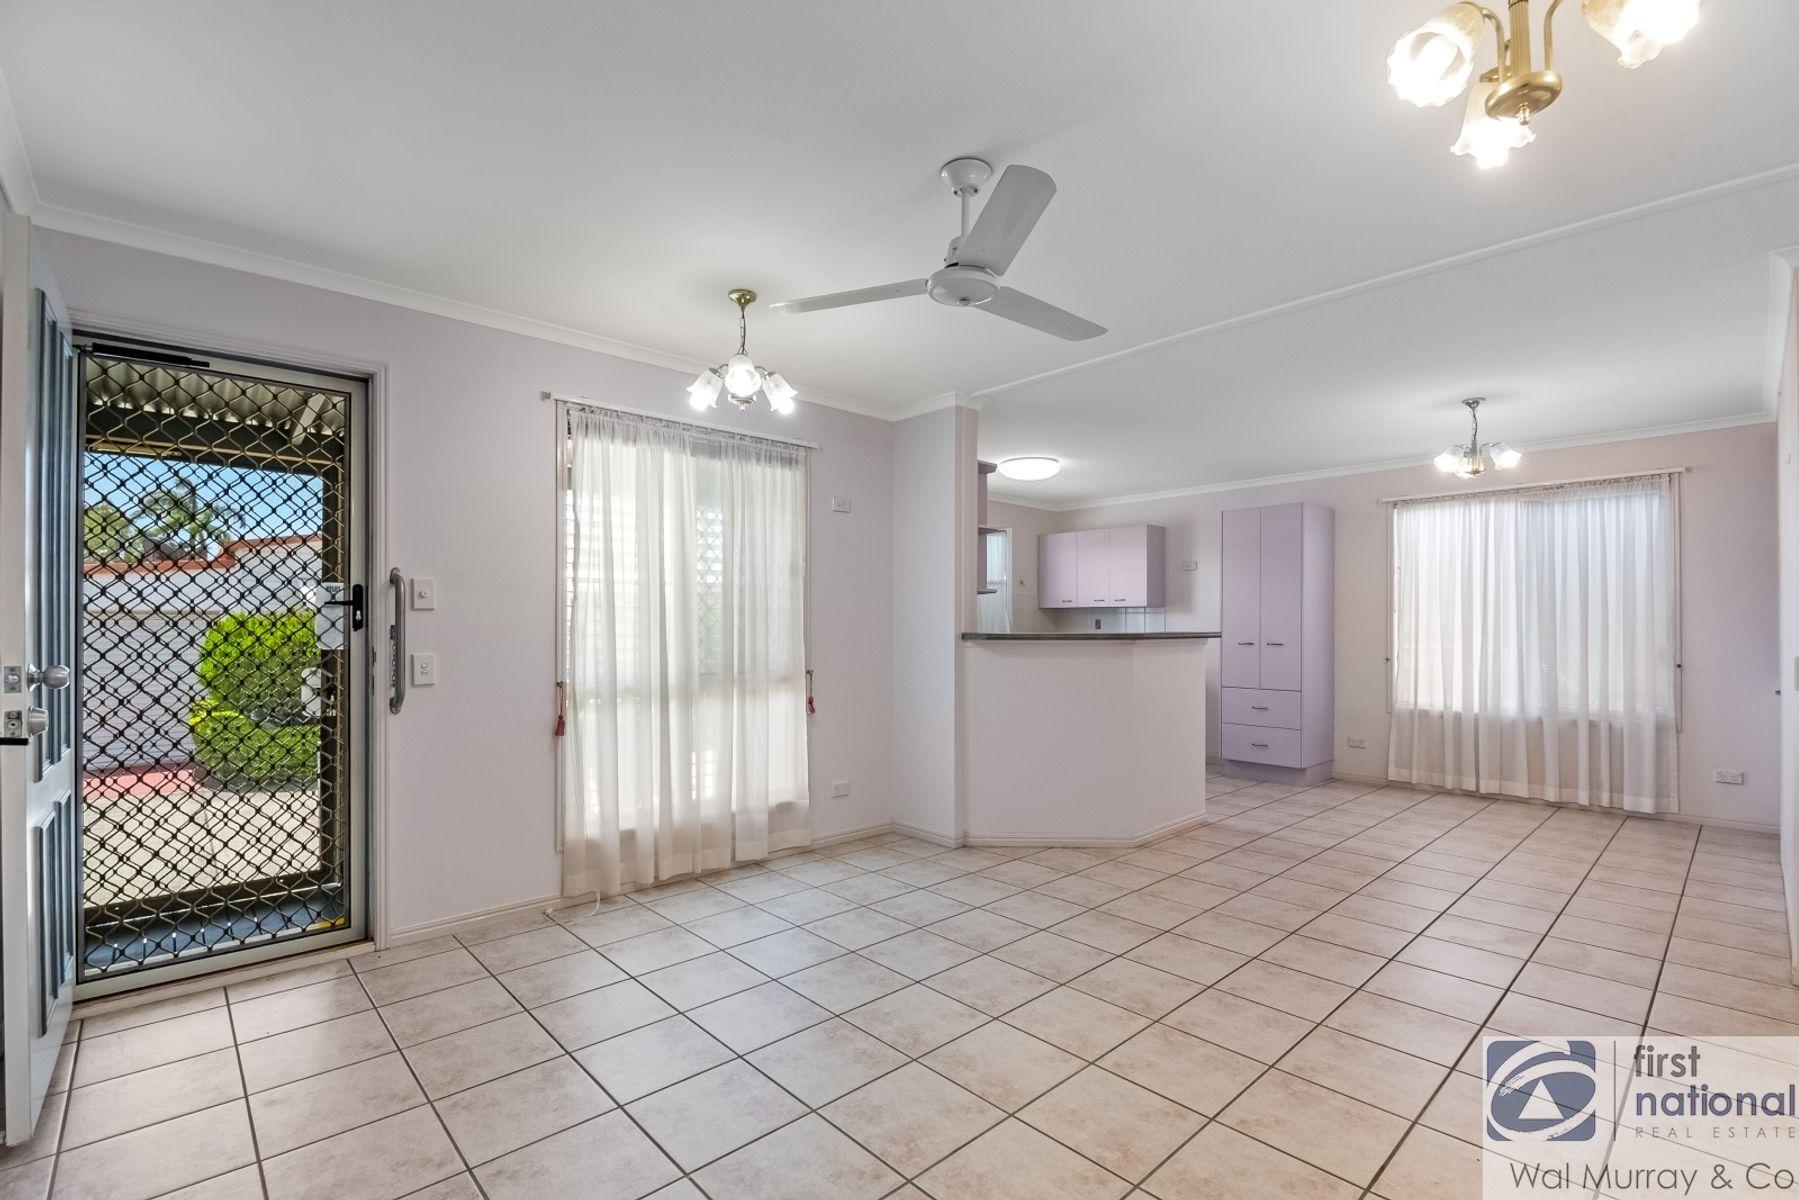 54/42 Southern Cross Drive, Ballina, NSW 2478